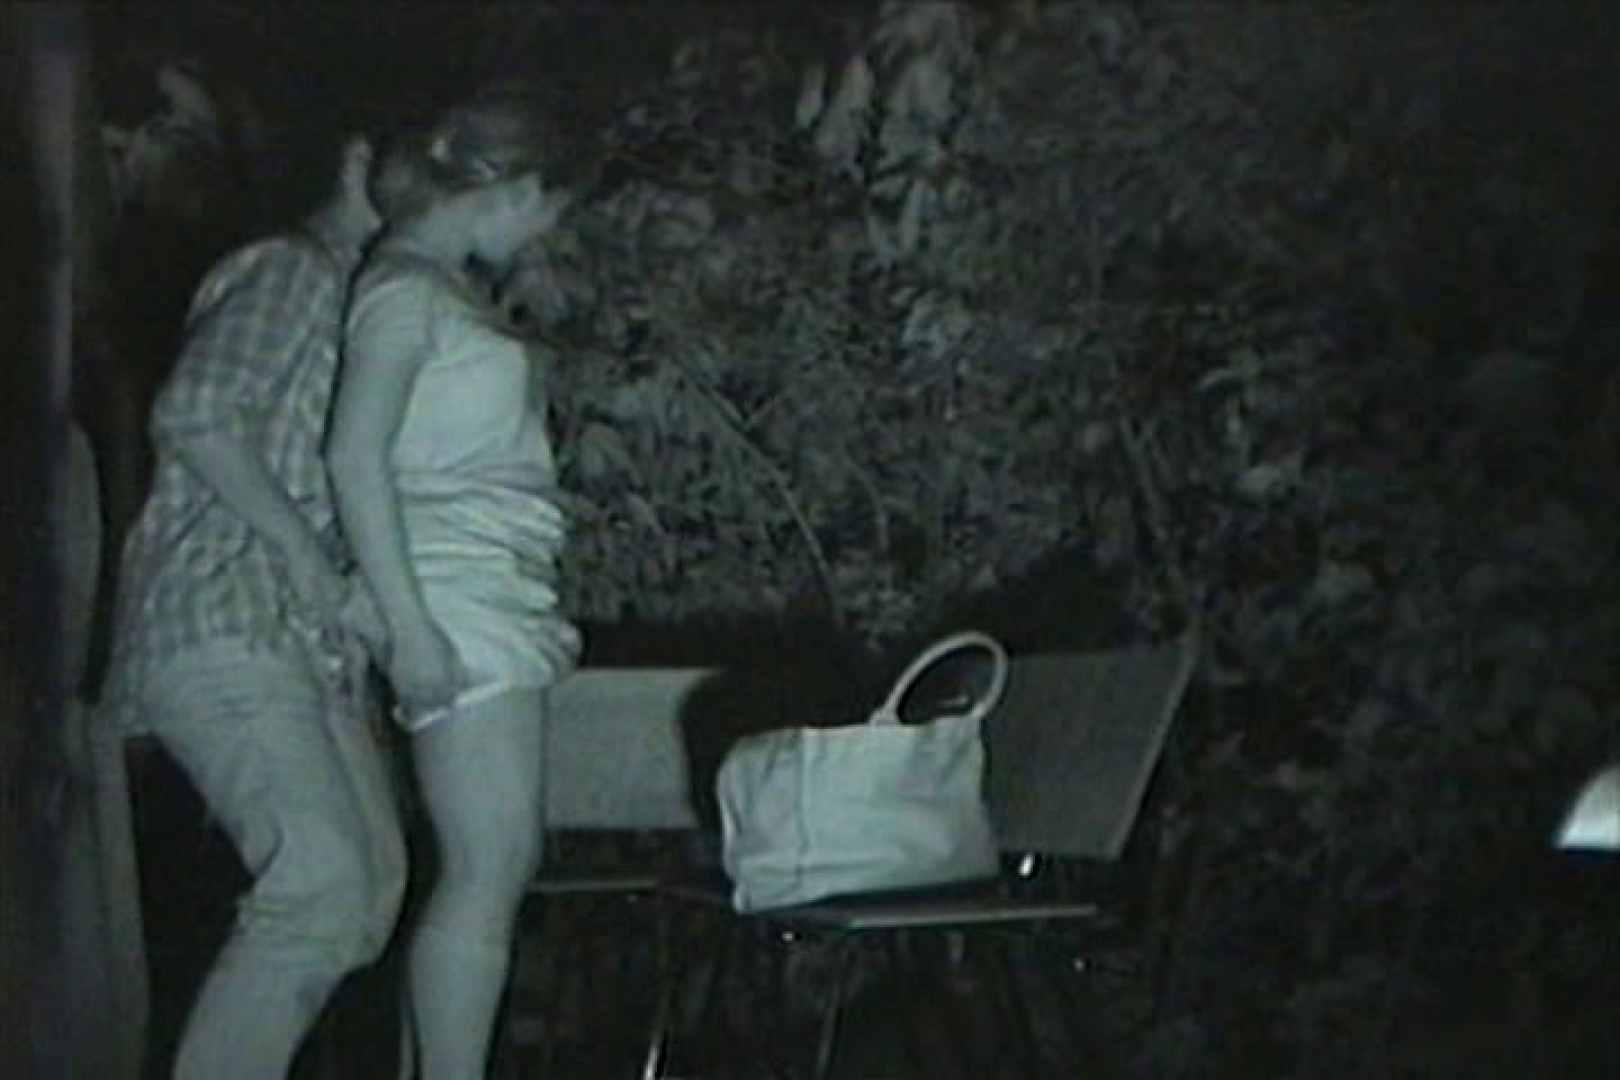 闇の仕掛け人 無修正版 Vol.24 ホテル隠し撮り 隠し撮りオマンコ動画紹介 101pic 23